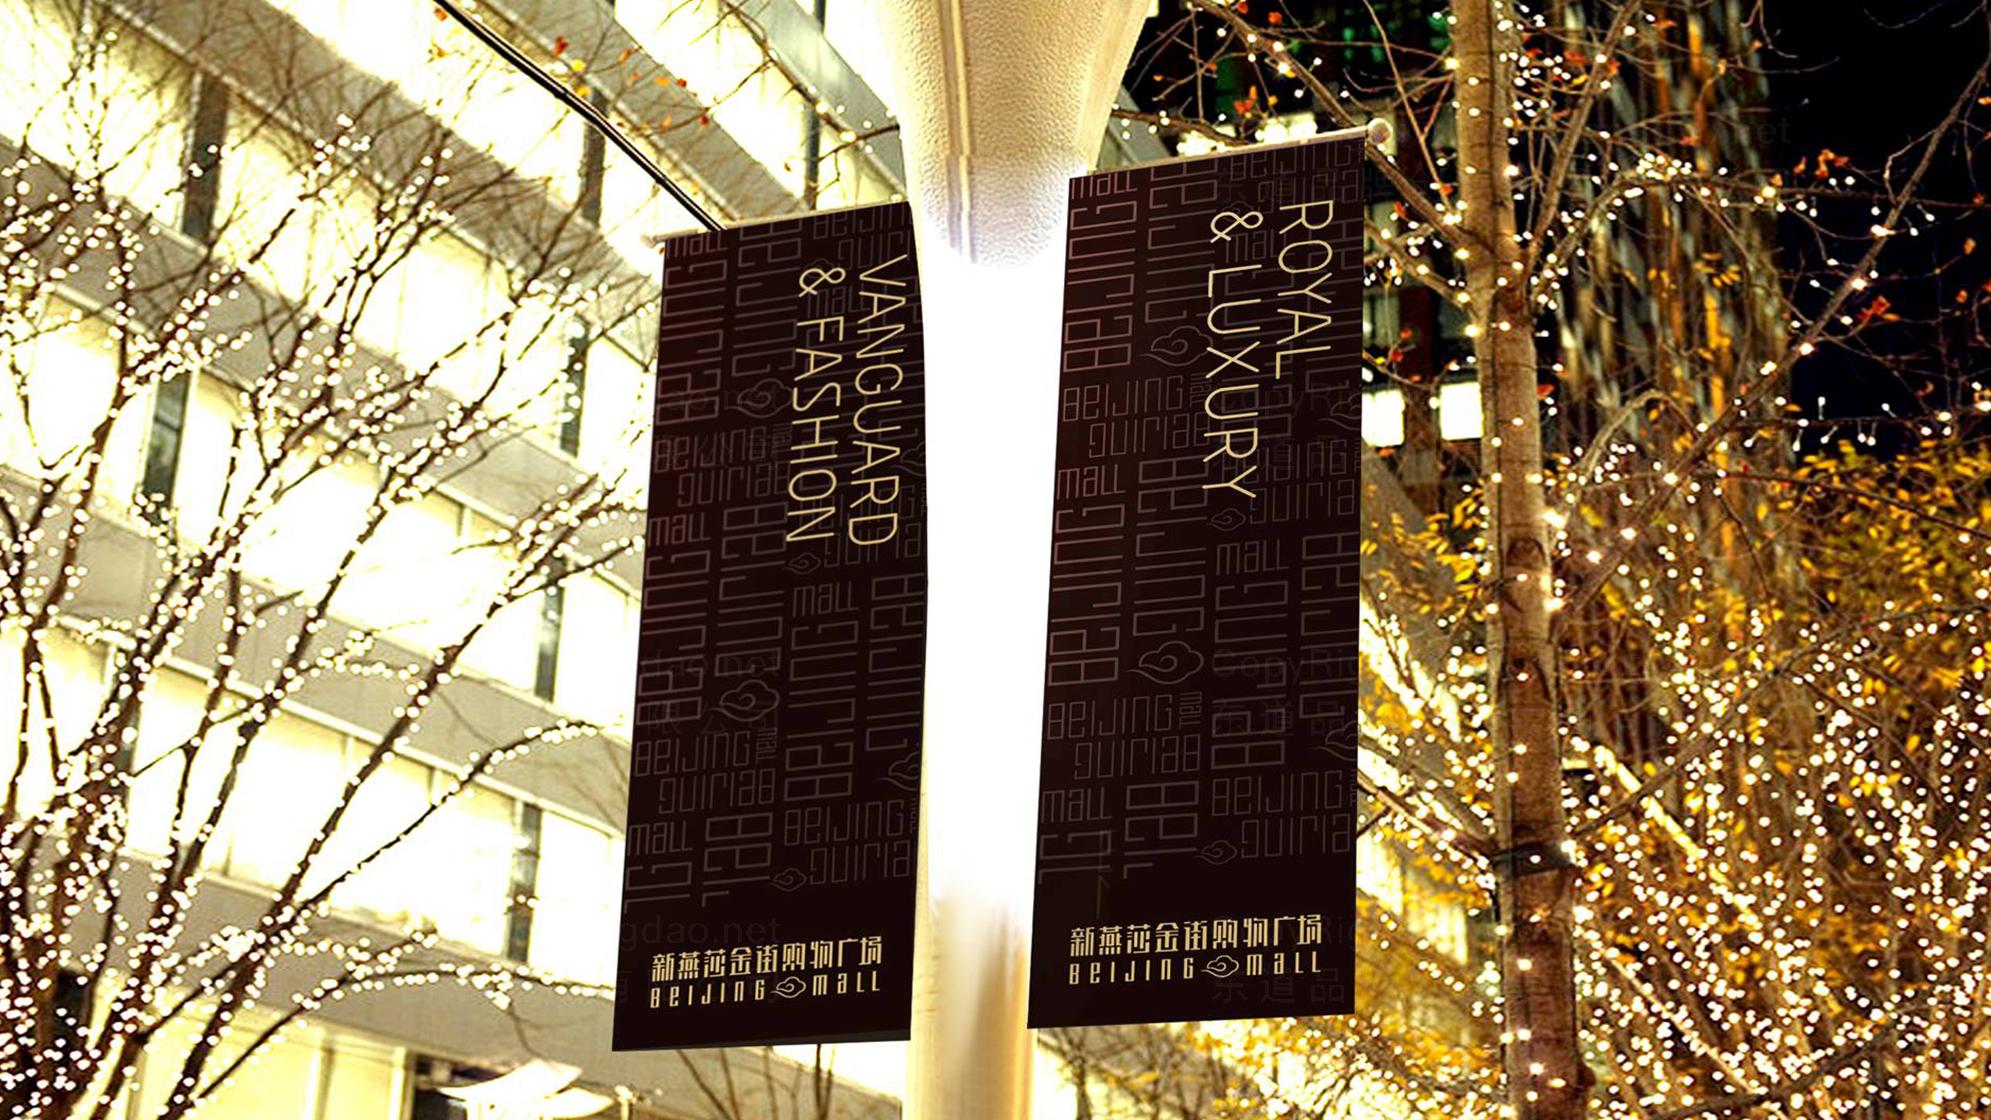 品牌设计新燕莎金街购物广场品牌设计应用场景_2